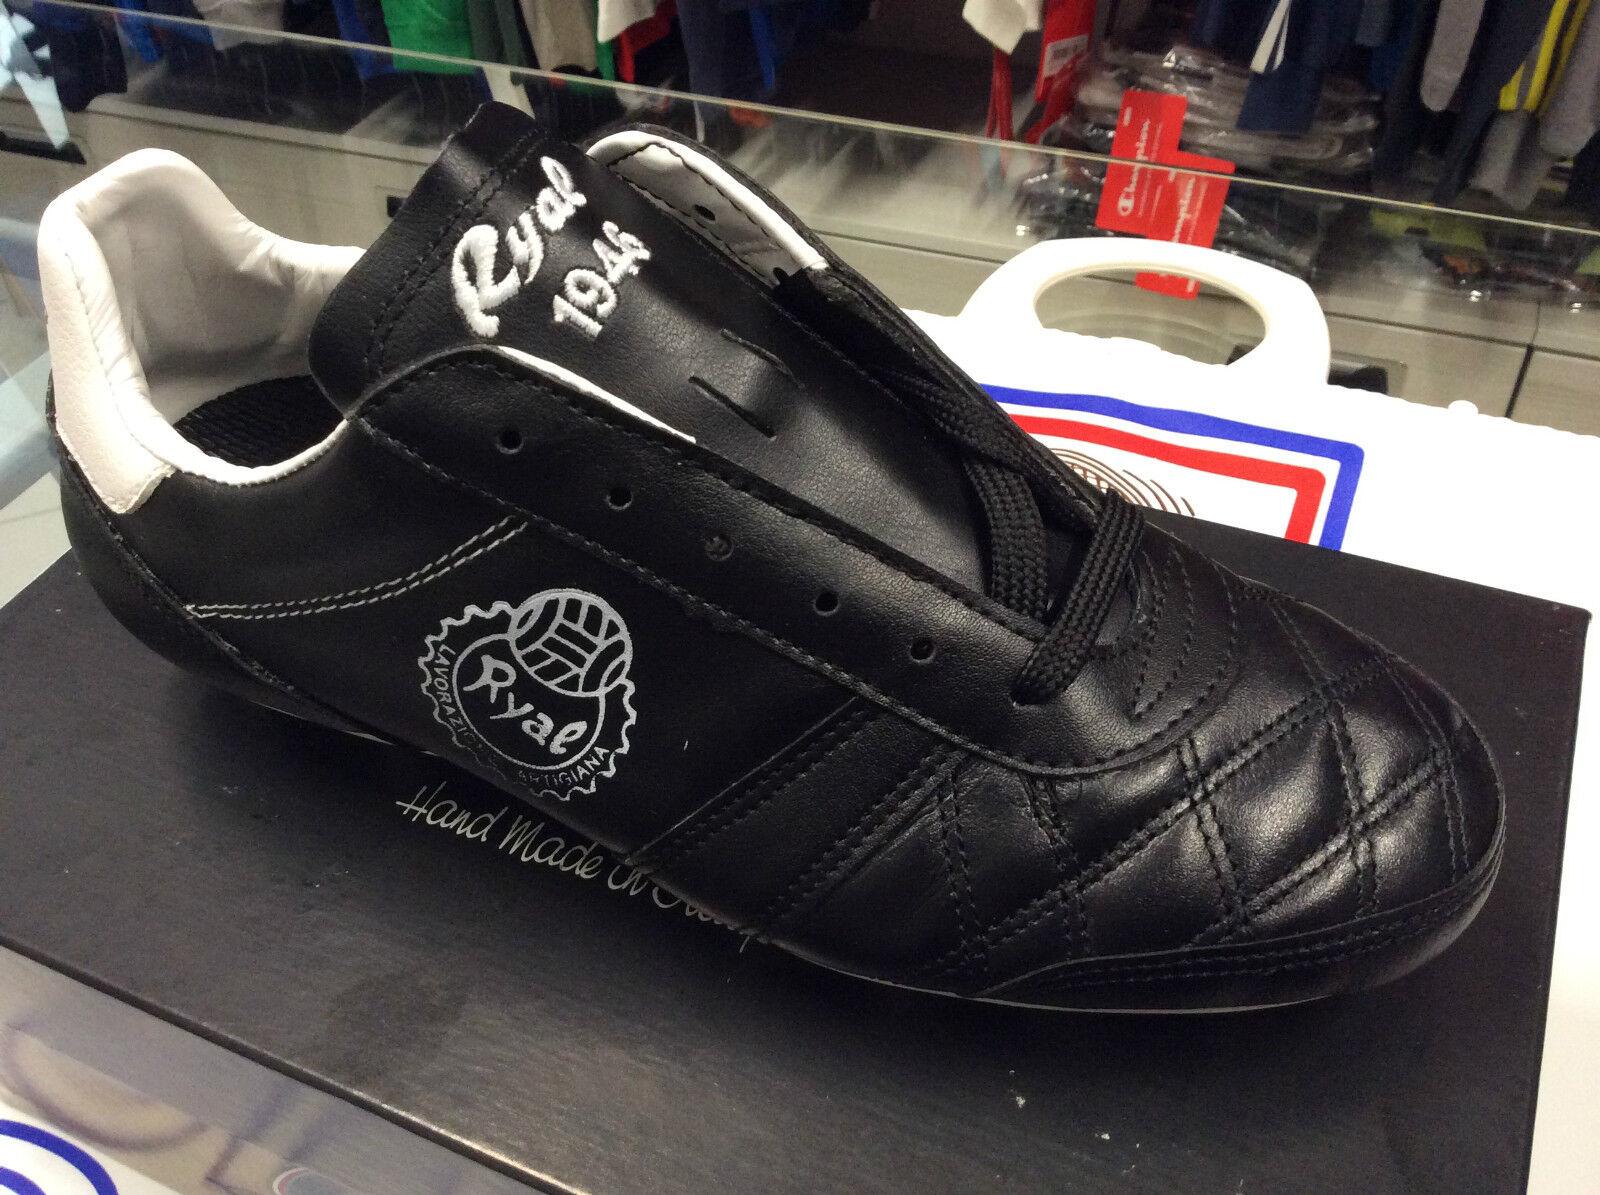 Herren Schuhe Fußball RYAL Mundial - 13 Stollen Leder Leder Leder volle Fiore a055e2